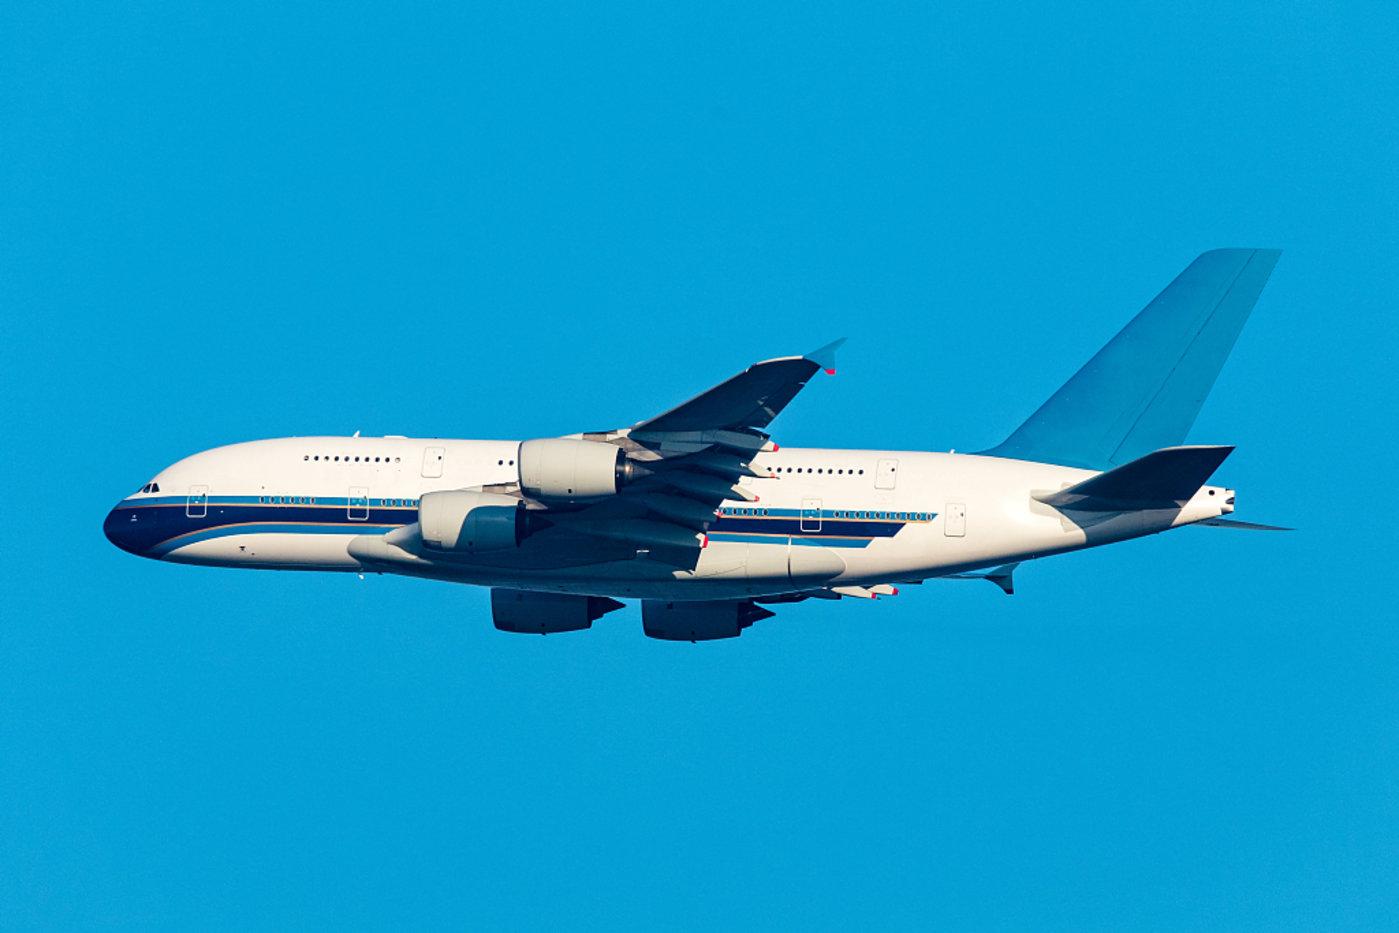 图片来源@视觉中国旅游飞机